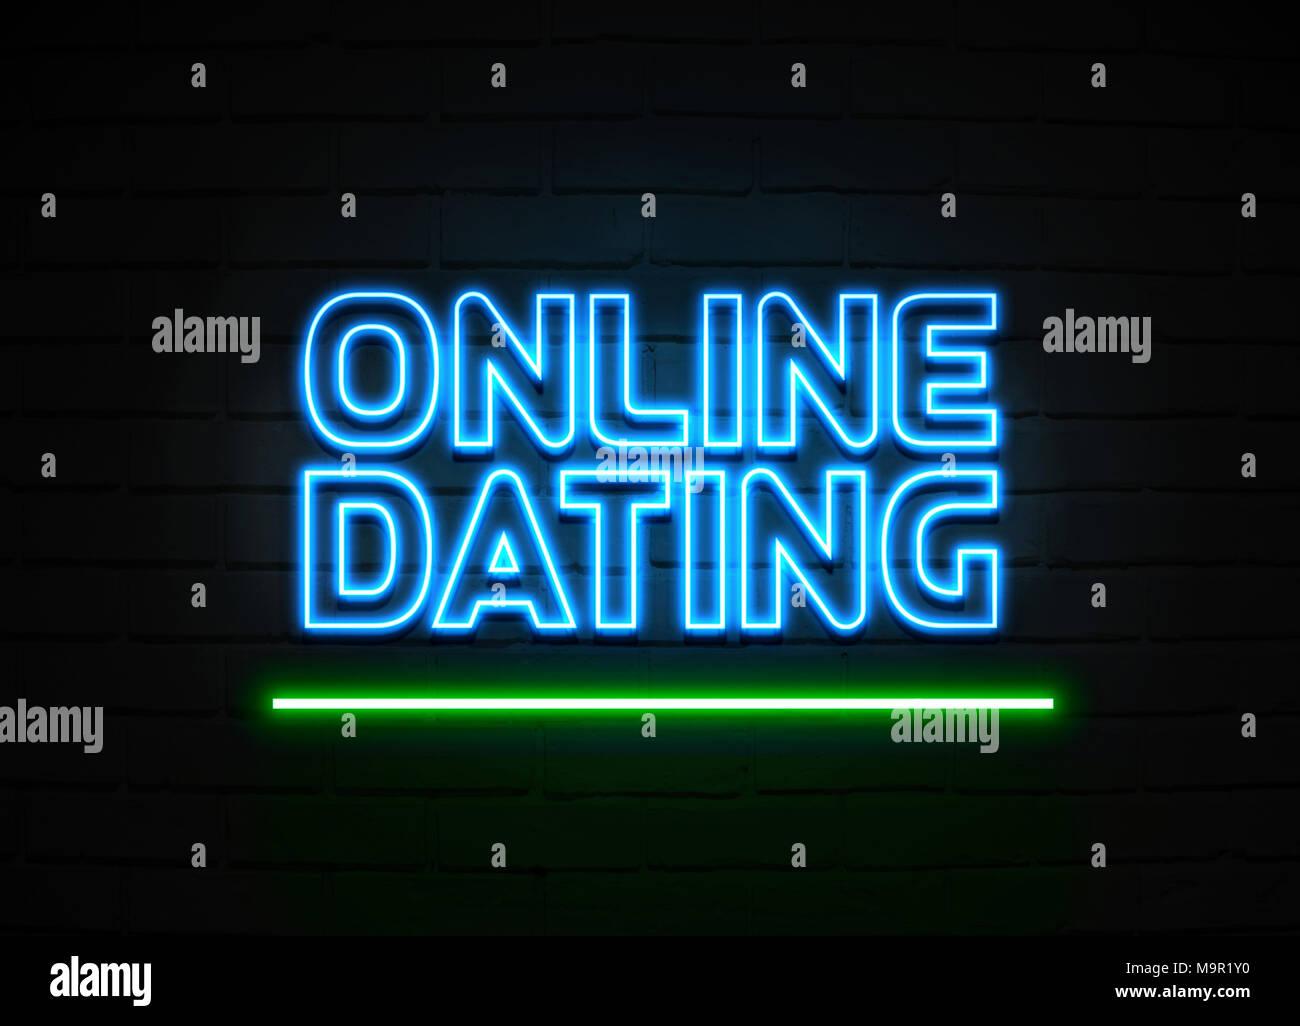 Neon online dating Hoe weet je of je dating of niet